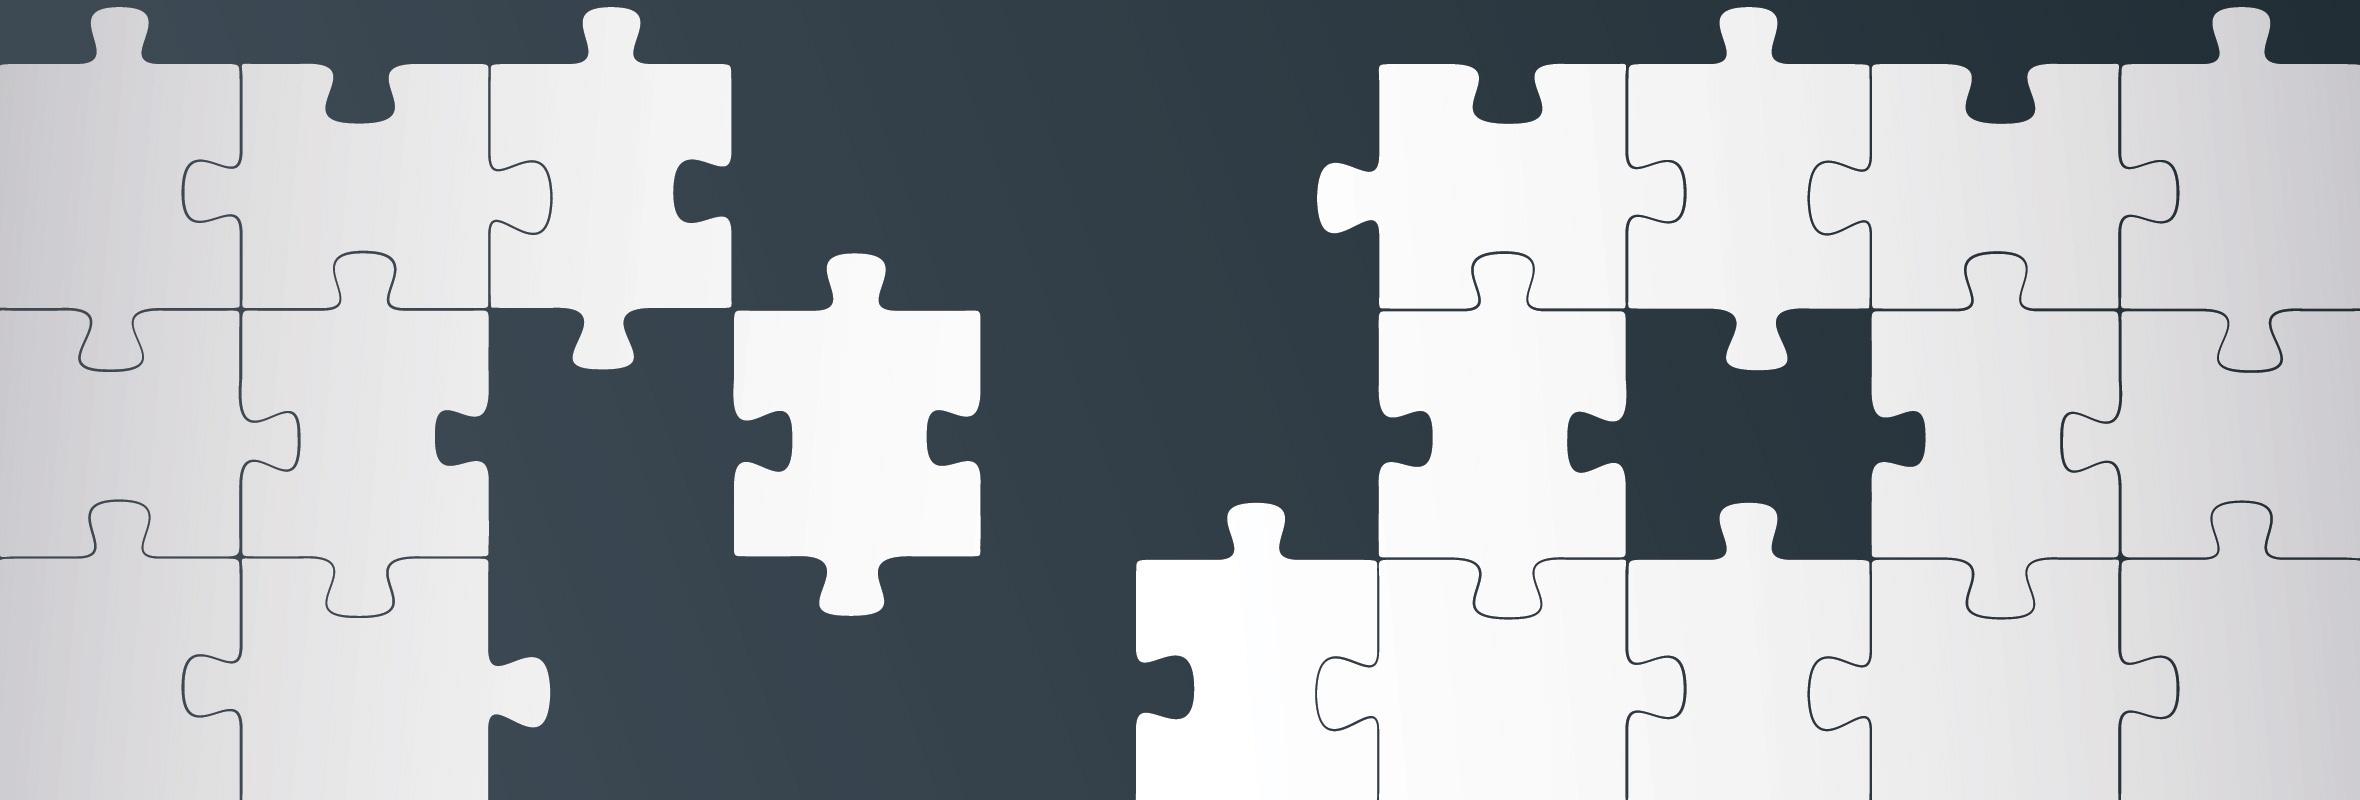 サーバーレスの解決:そこにないものをどのように管理しますか?